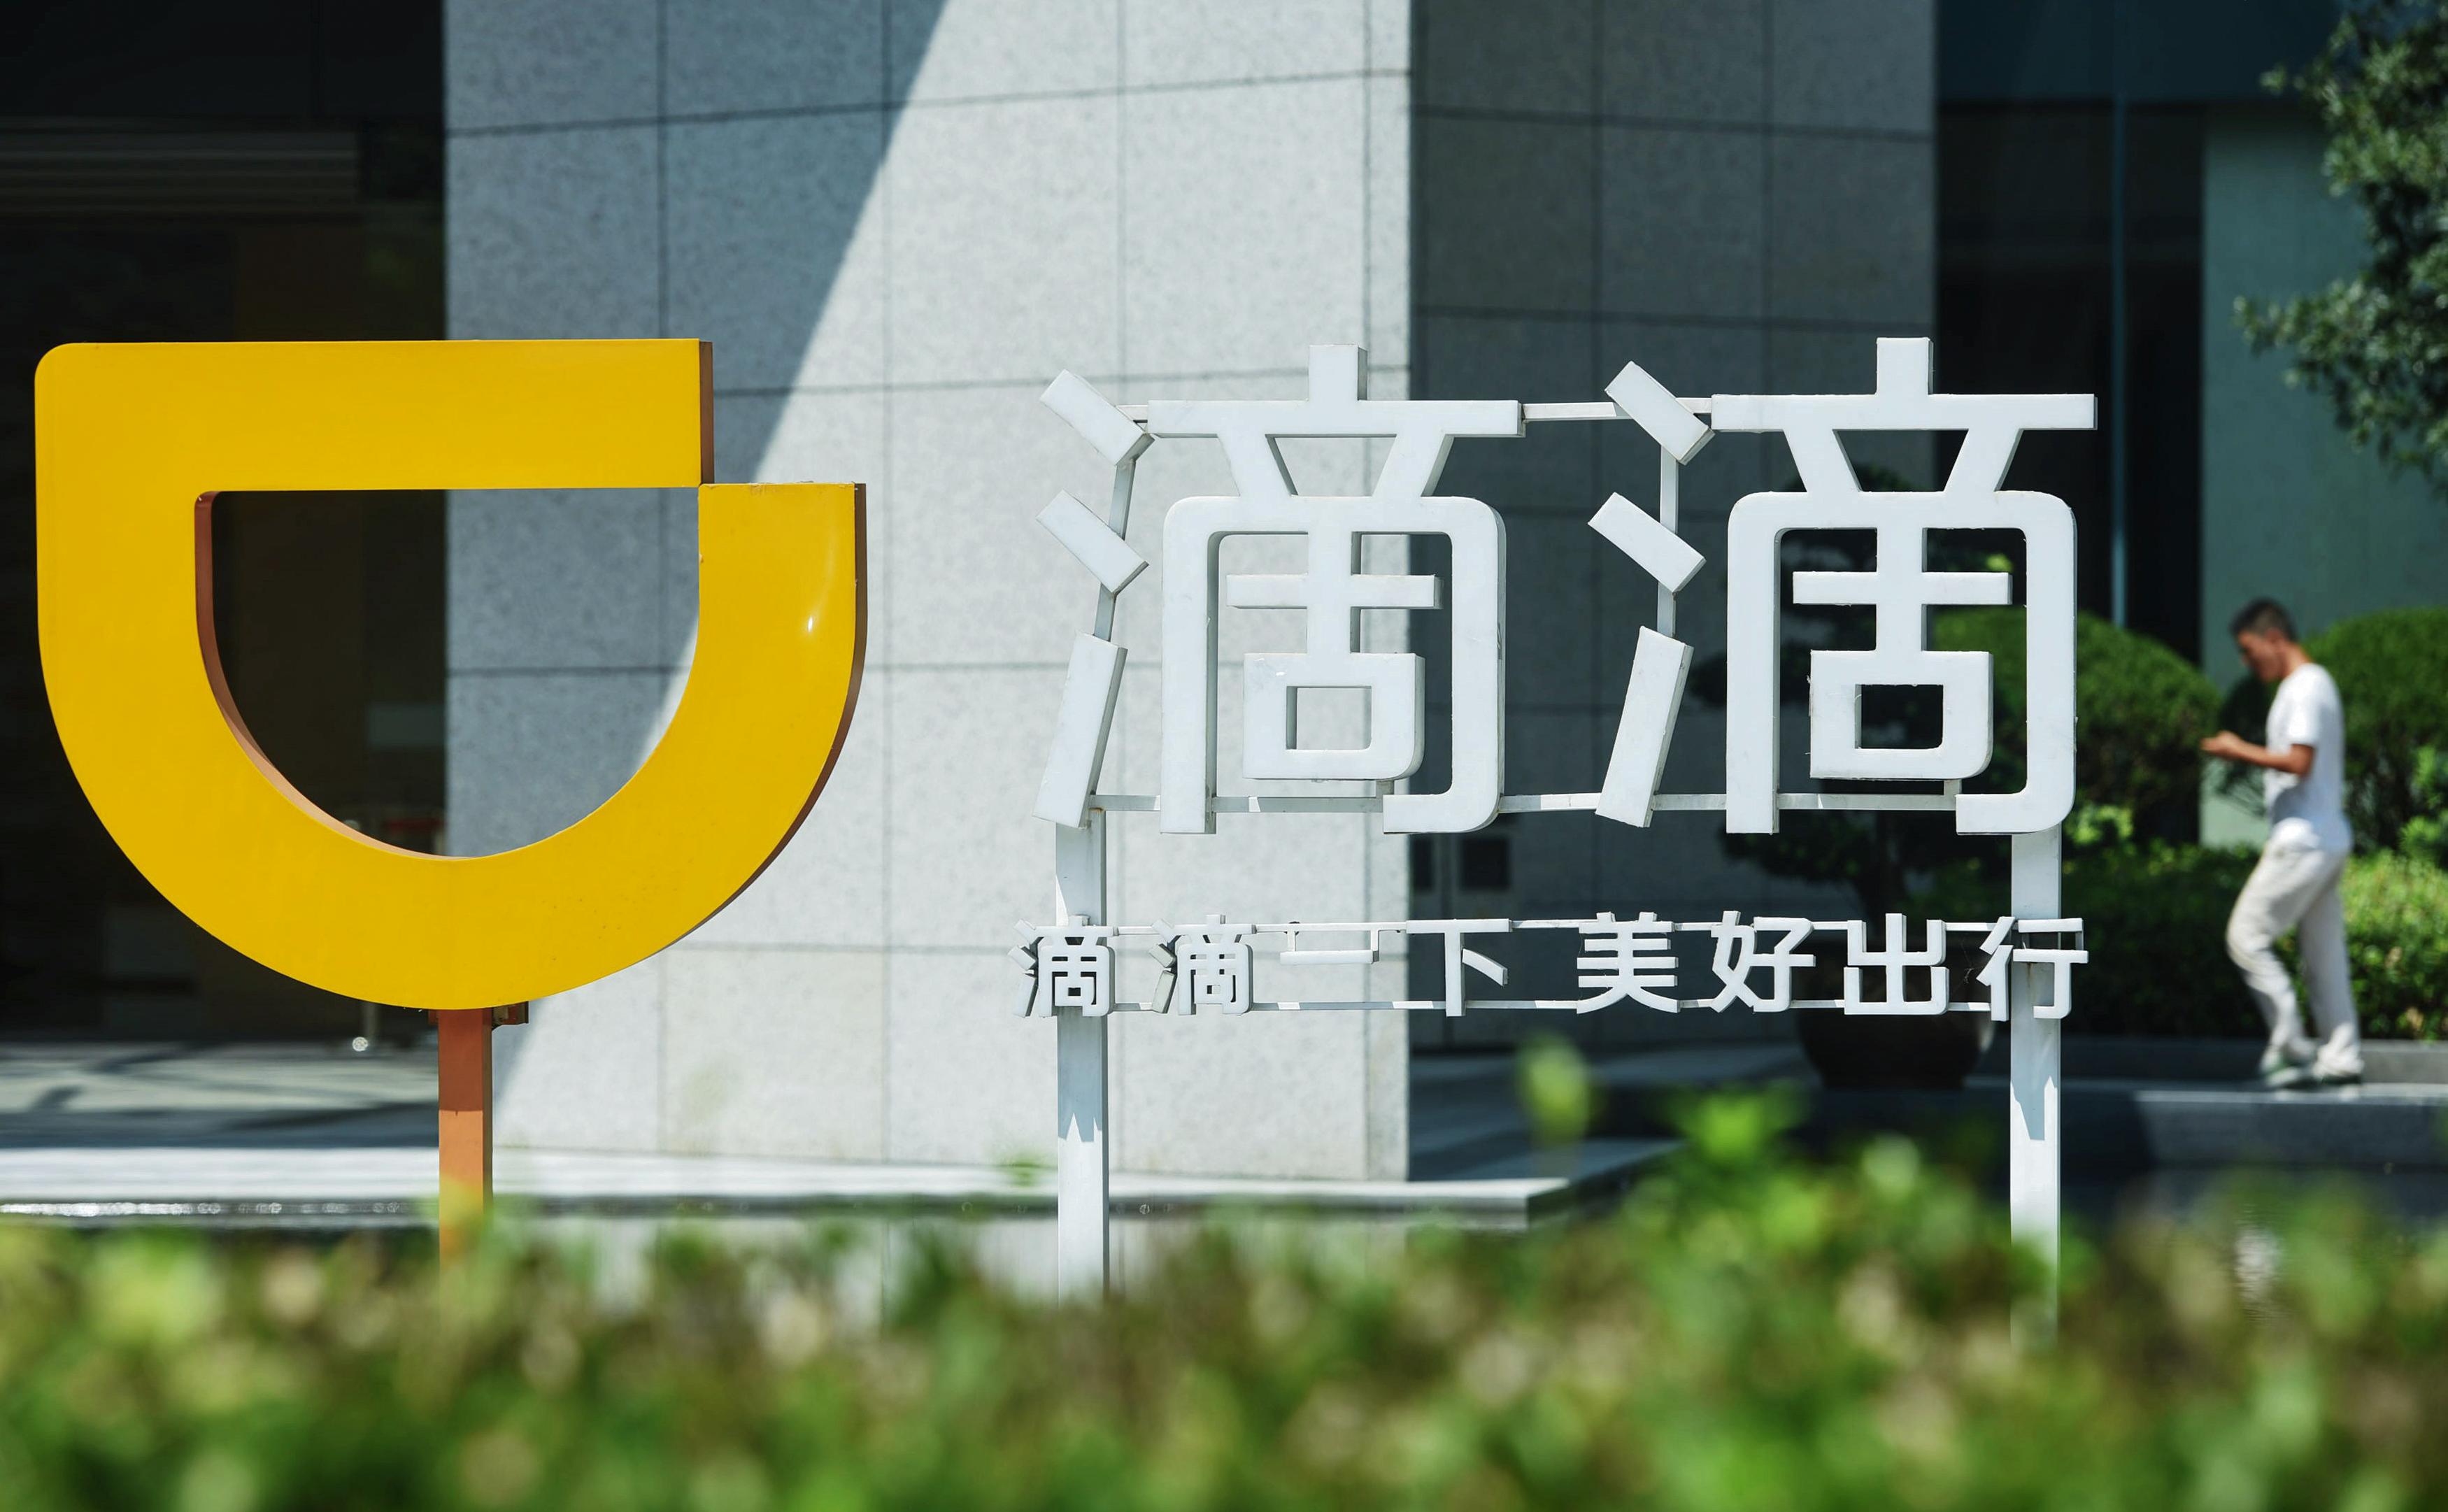 「獨角獸」籌資難 中國科技投資狂潮退卻